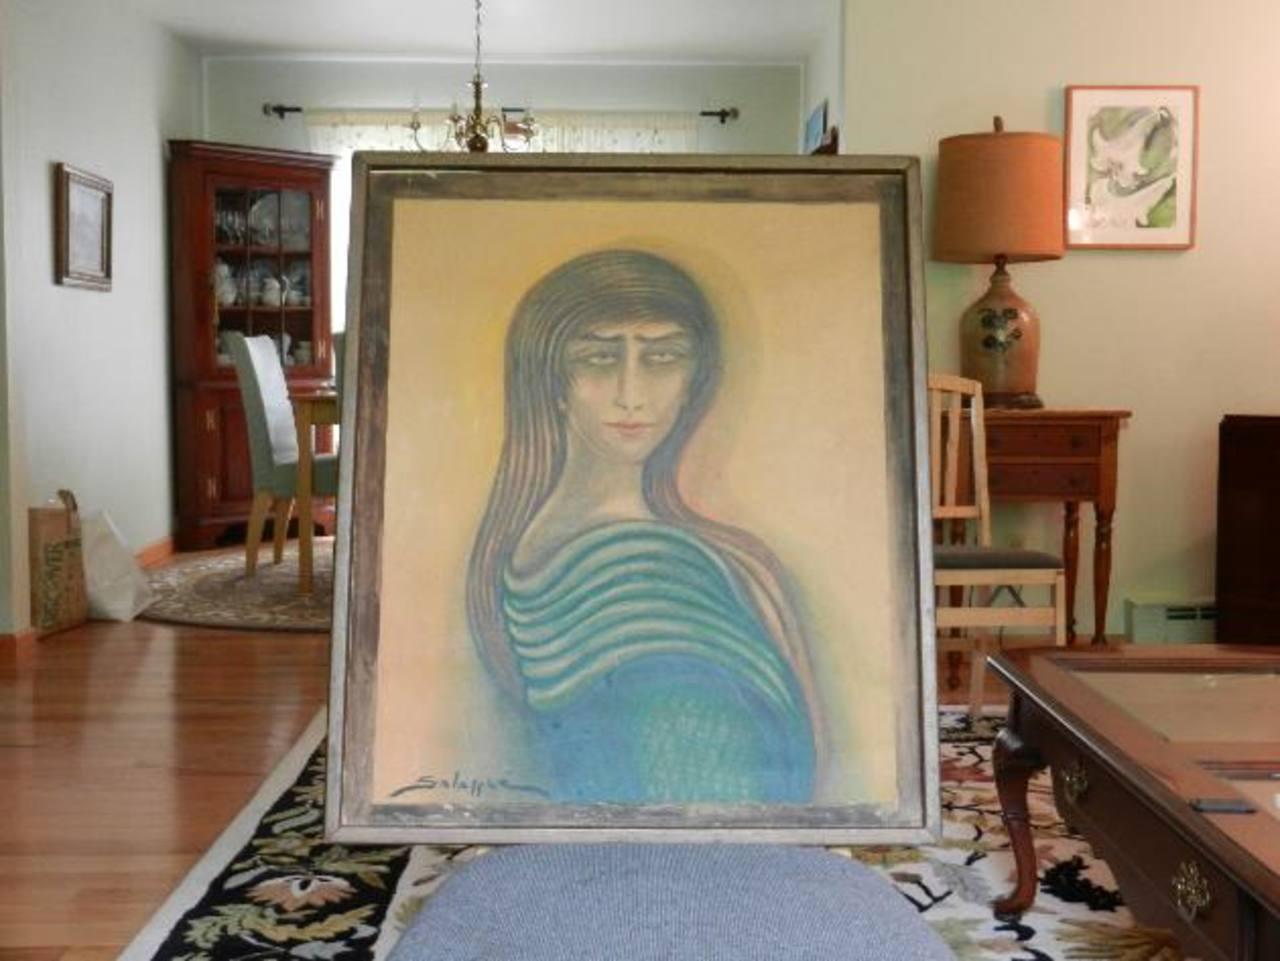 Retrato que el artista salvadoreño hizo de la hija del periodista Mario Rosenthal, Ana Rosenthal Haskin, propietaria de la obra.